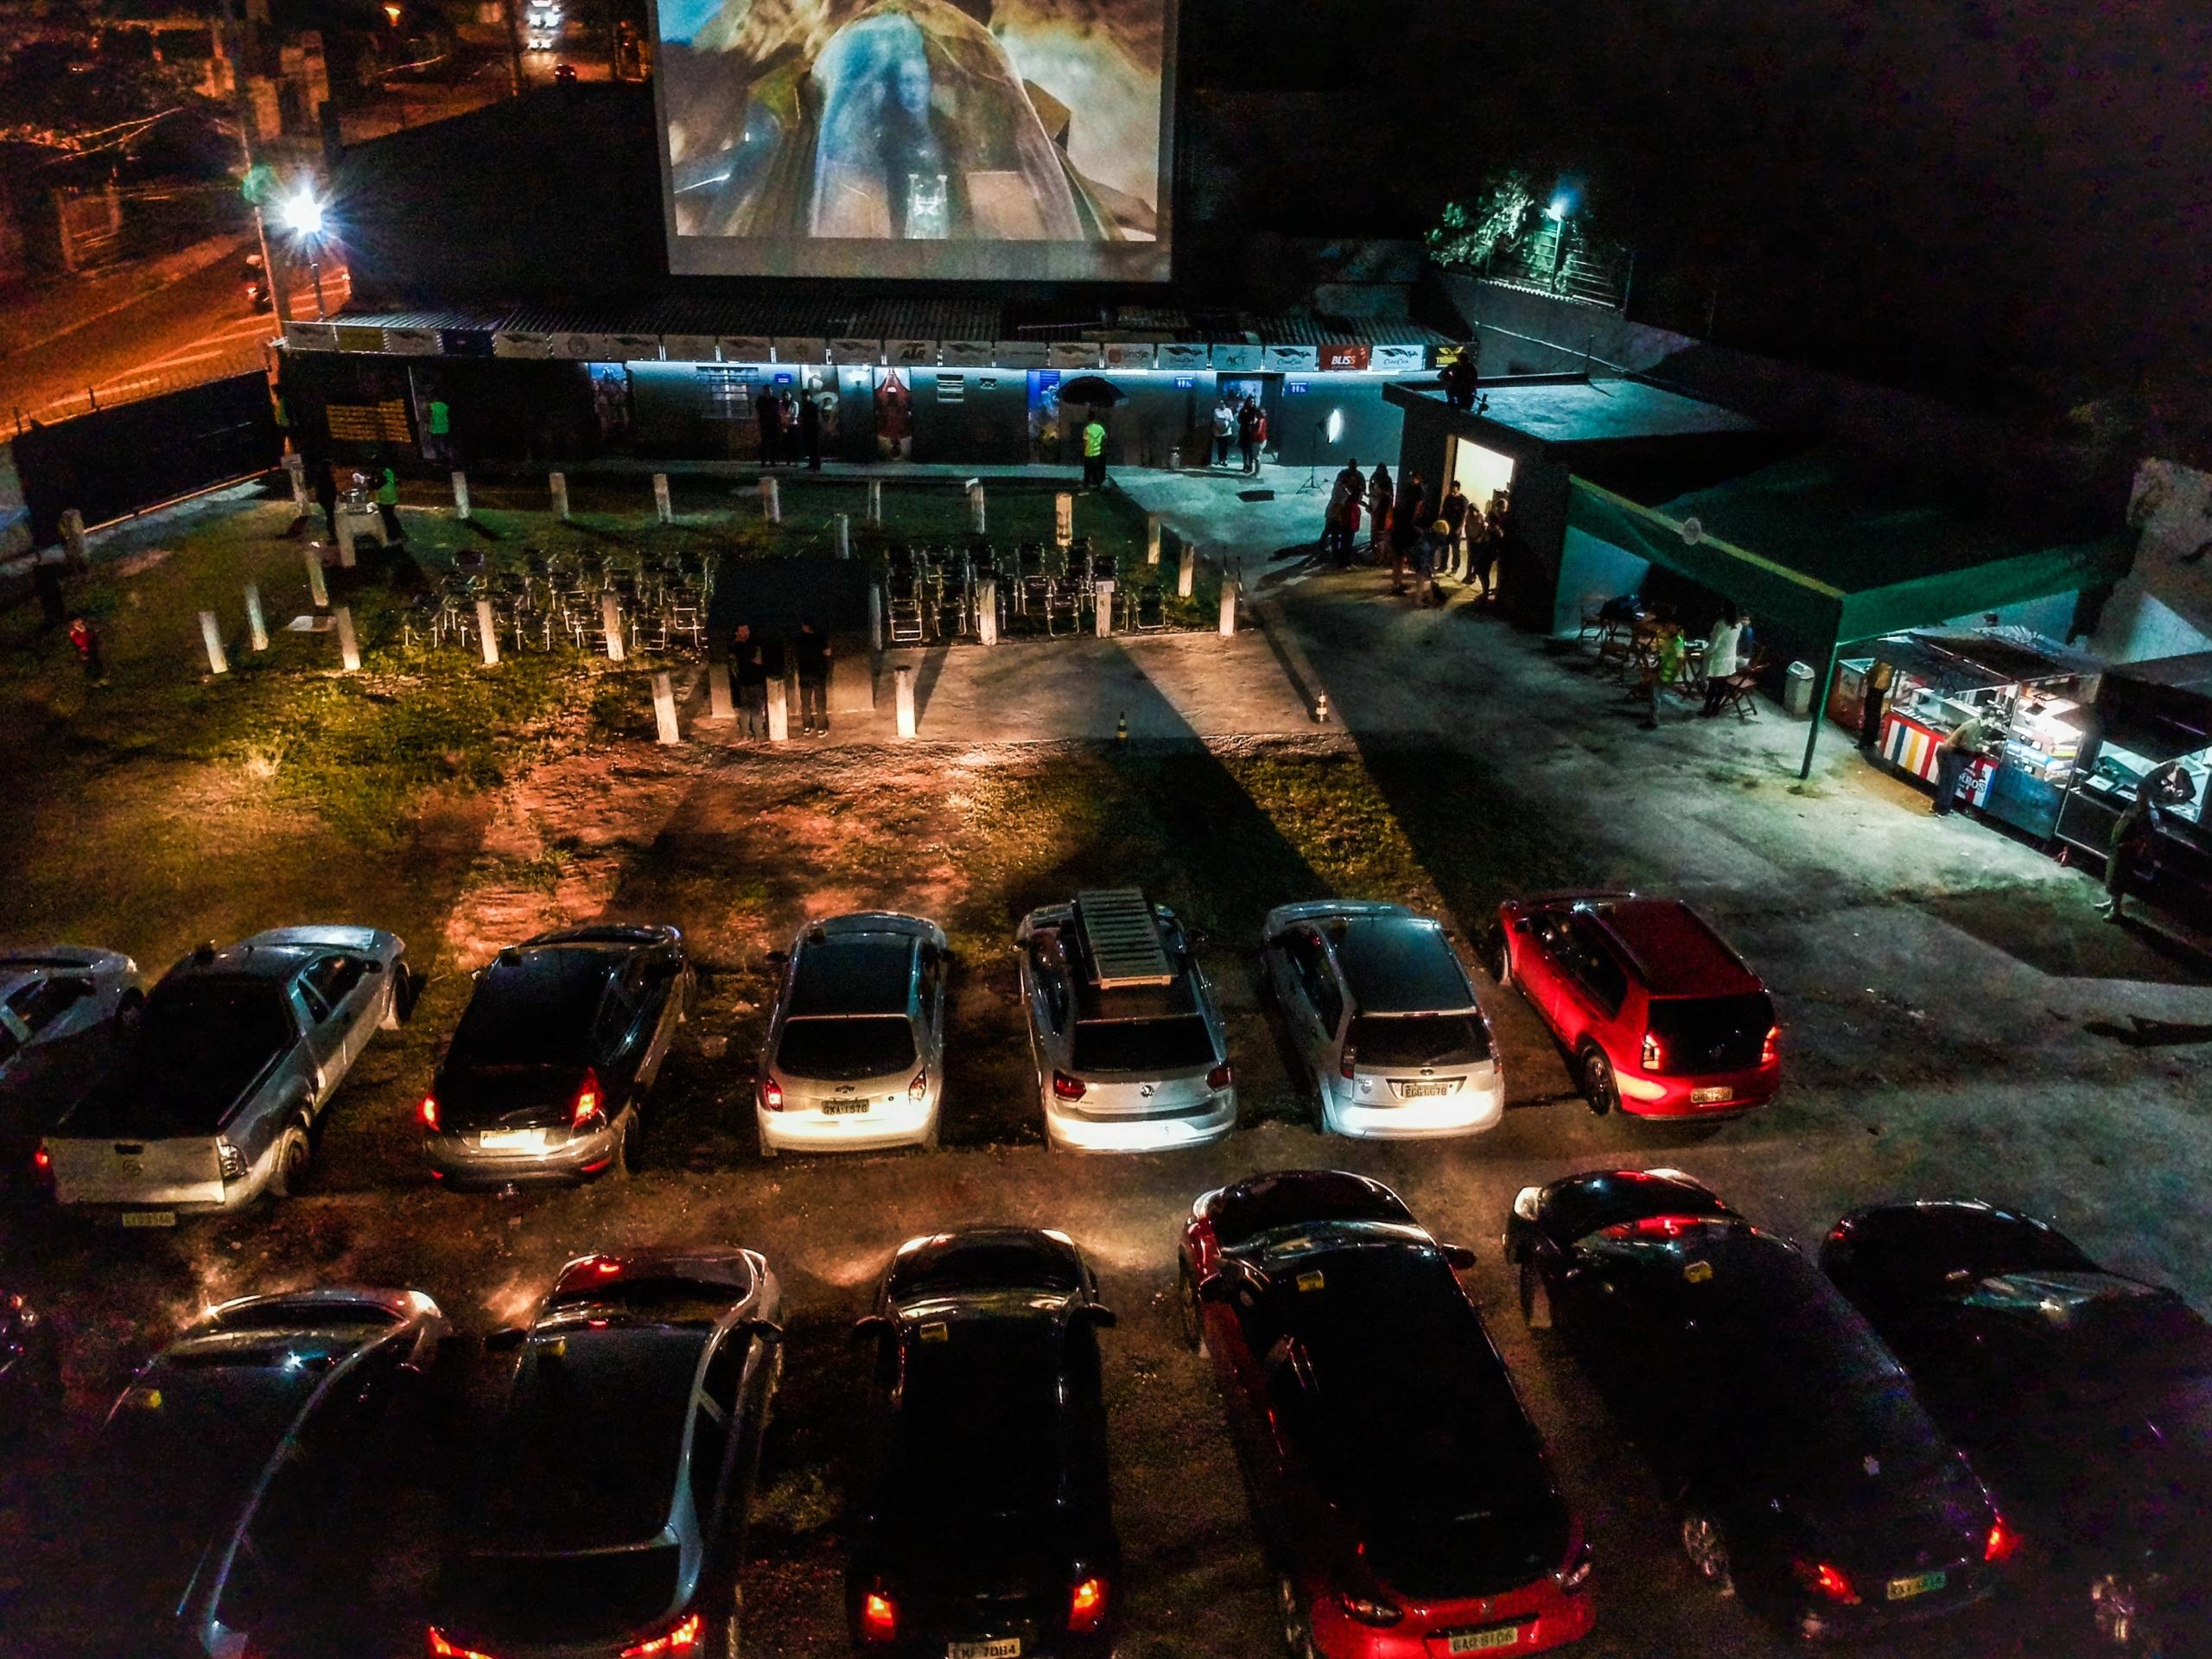 Prefeitura aprova funcionamento de cinemas drive-in na cidade de São Paulo 2